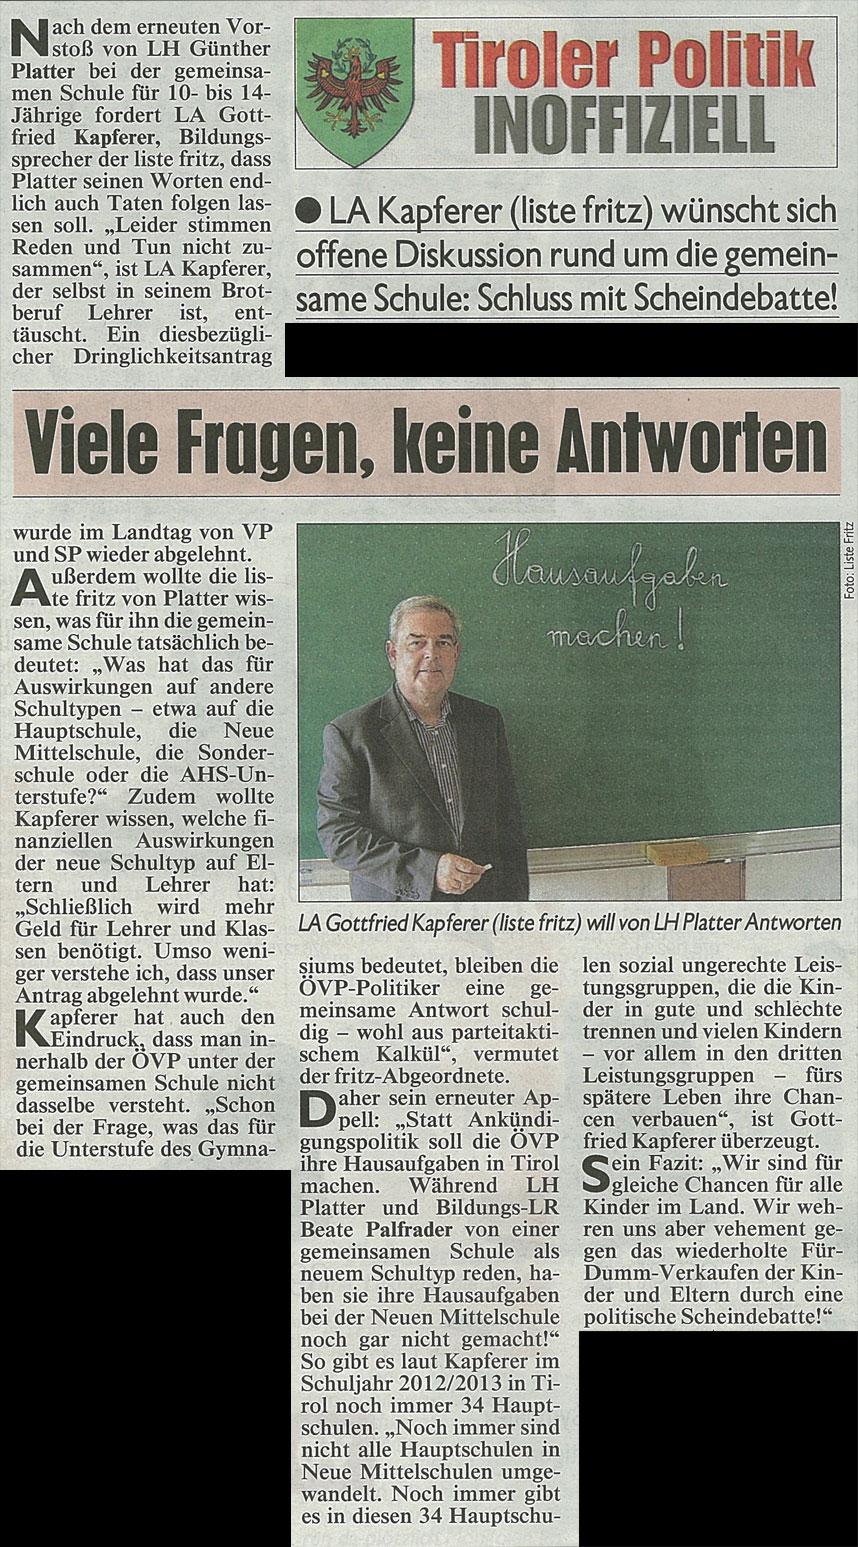 Bericht der Kronen Zeitung zur Gemeinsamen Schule